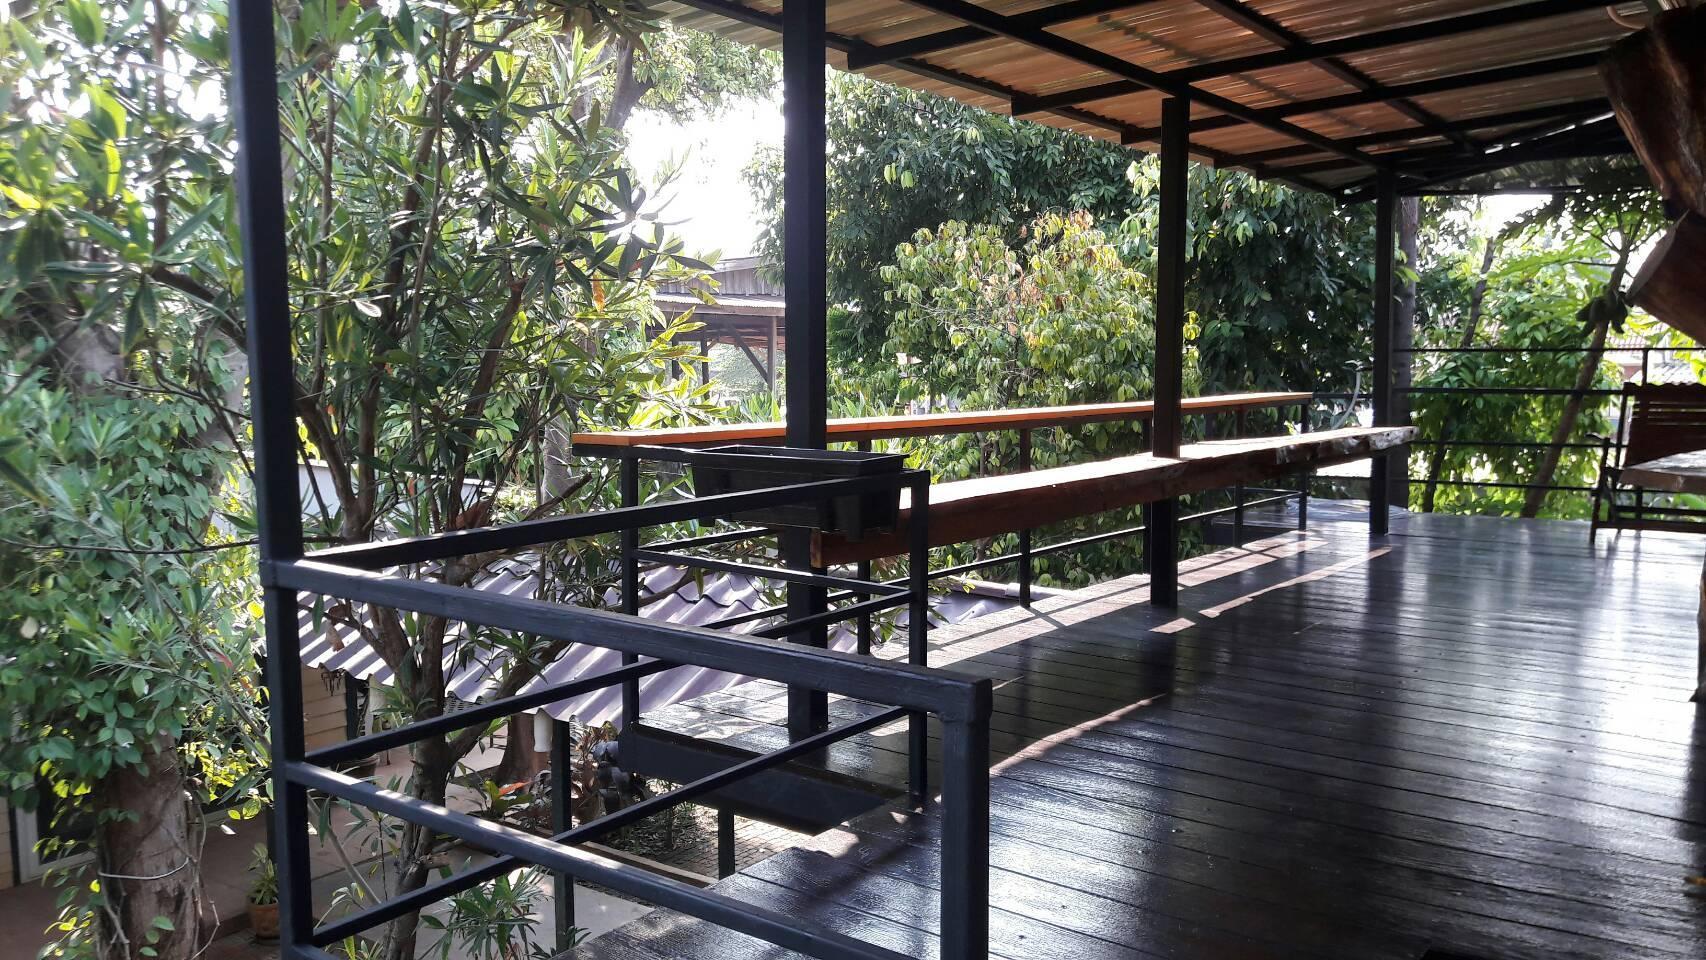 Casa Bonita (Tree House) บ้านเดี่ยว 1 ห้องนอน 1 ห้องน้ำส่วนตัว ขนาด 40 ตร.ม. – แม่น้ำแคว